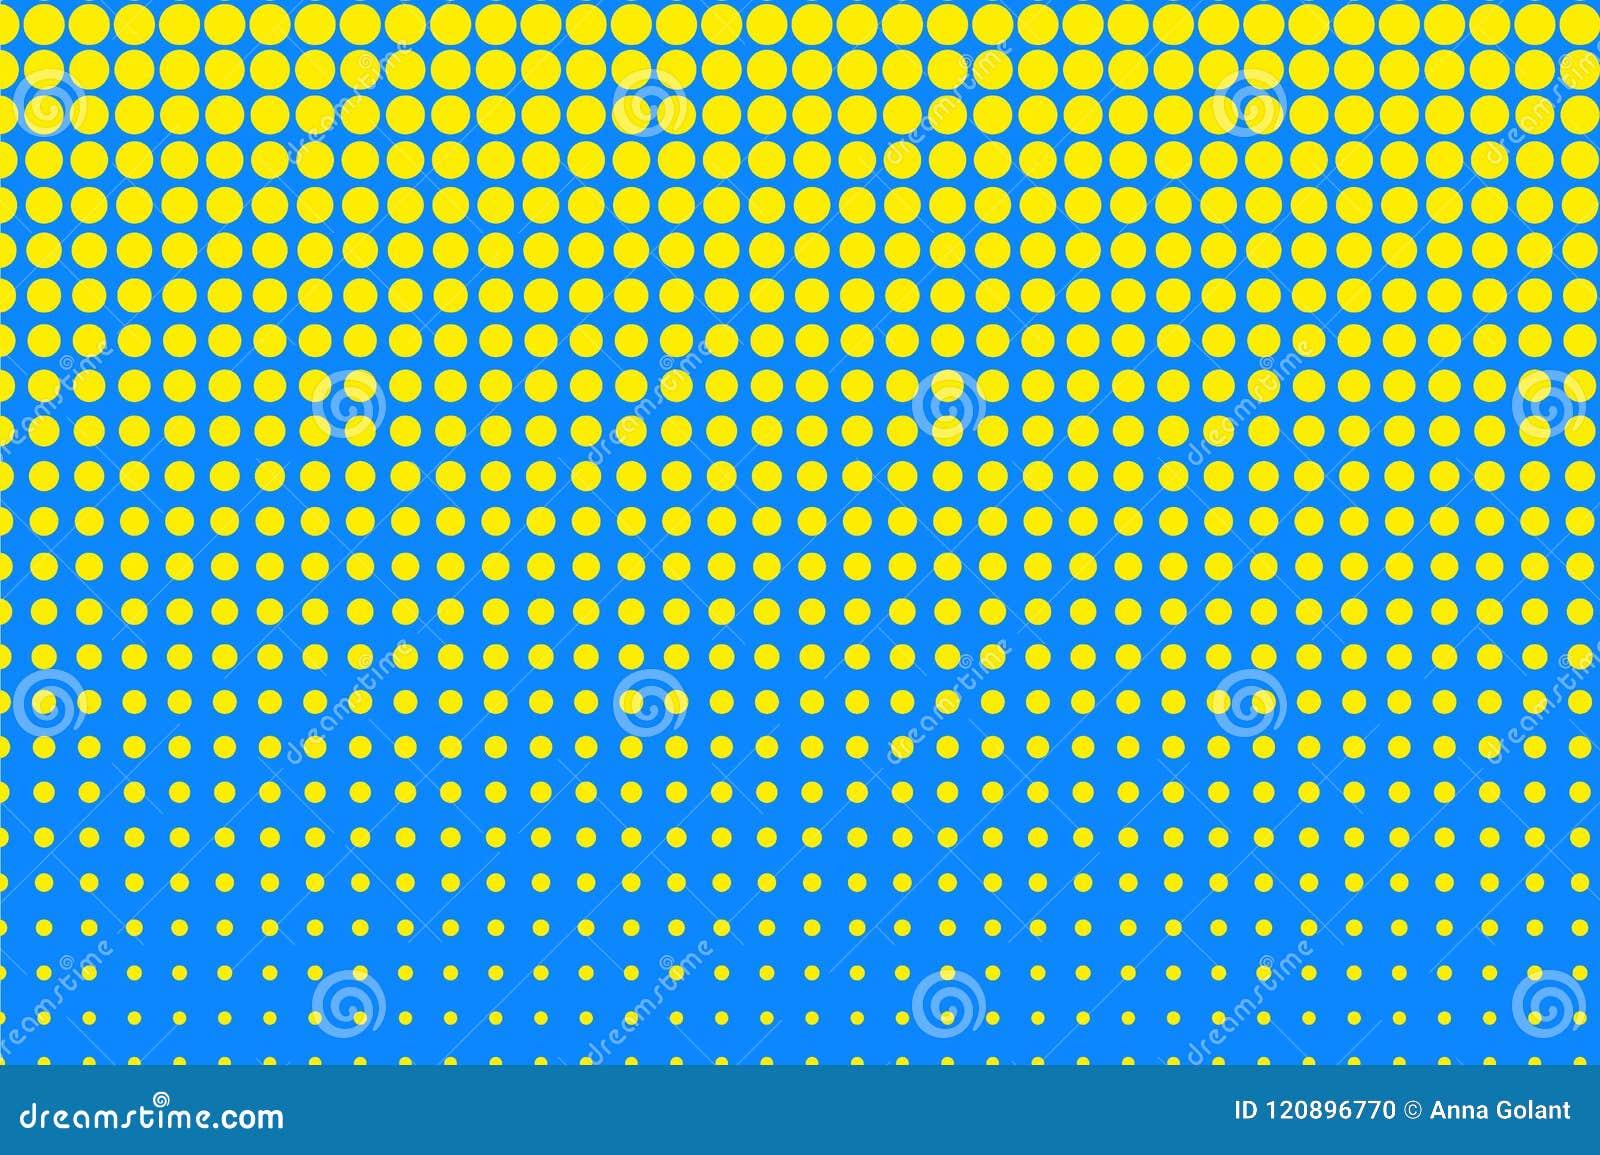 Ημίτονο σχέδιο σημείων Πόλκα Κίτρινοι κύκλοι, σημεία στο μπλε υπόβαθρο επίσης corel σύρετε το διάνυσμα απεικόνισης